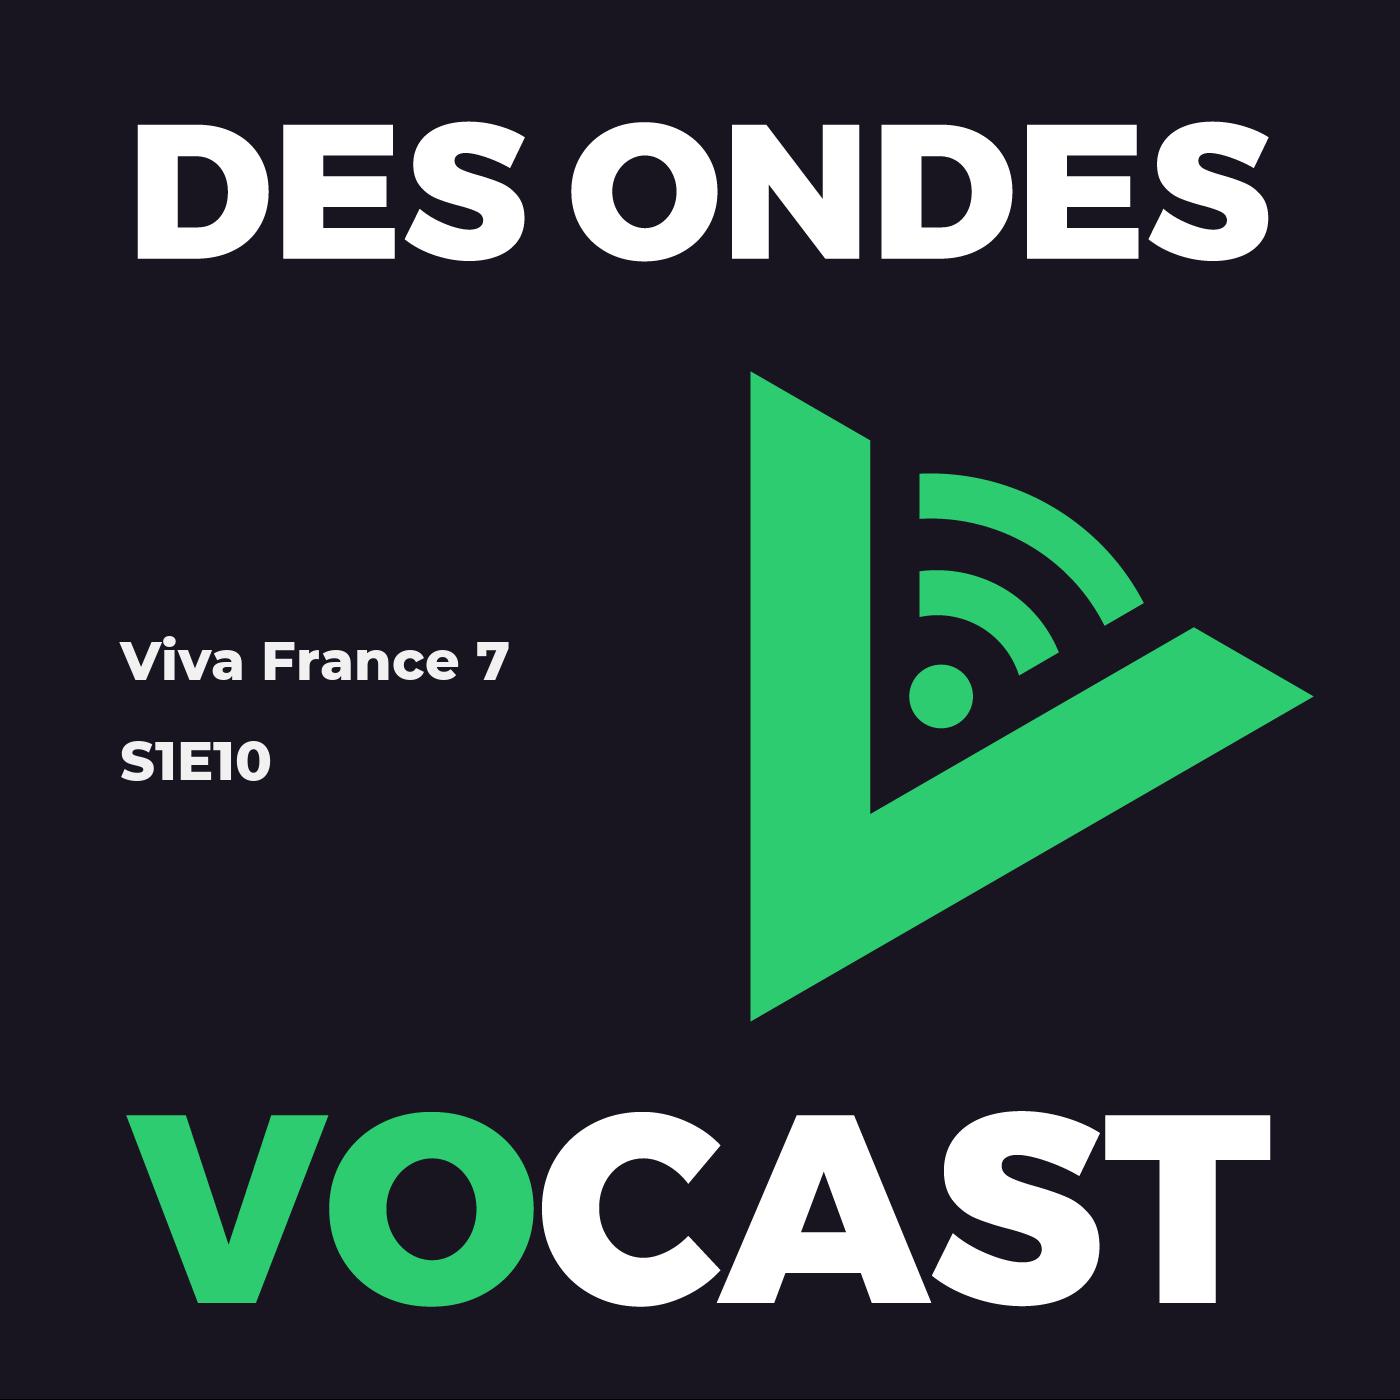 Viva France 7